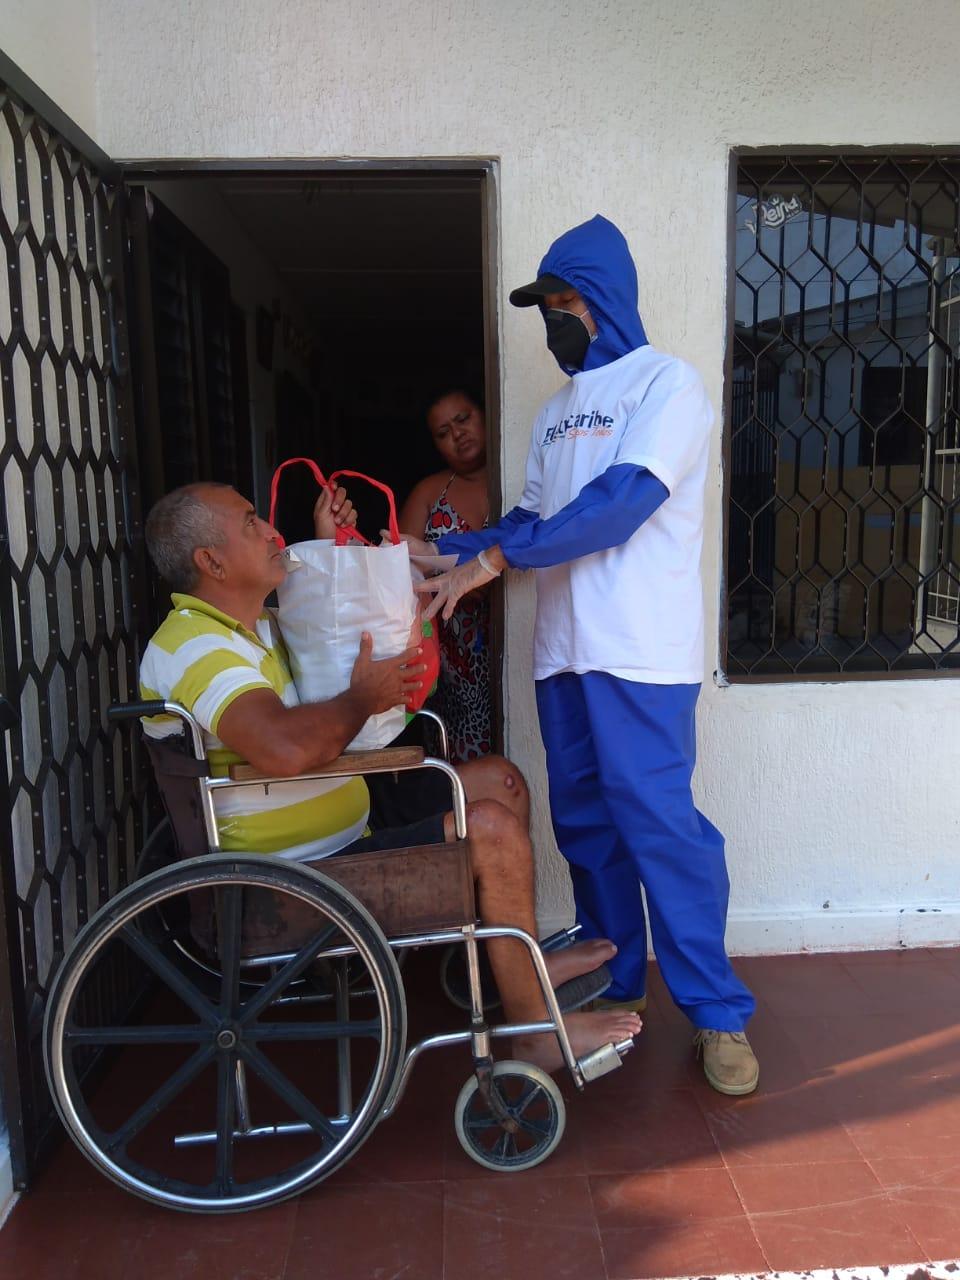 @ElectricaribeSA distribuye ayudas entre las personas más vulnerables de la #RegiónCaribe